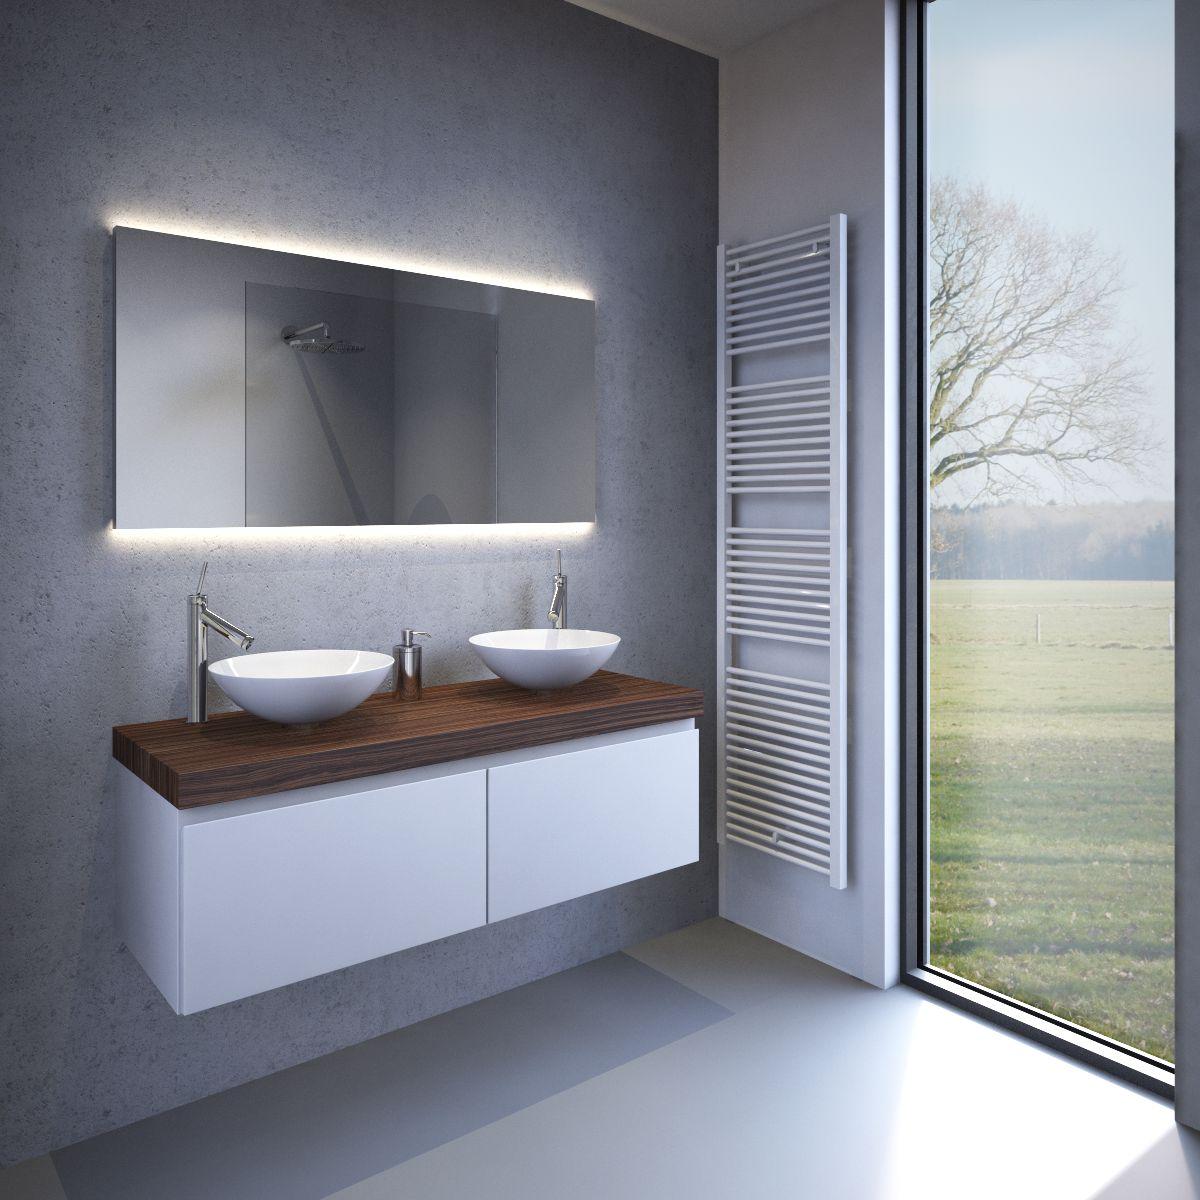 verlichting / Spiegels met led verlichting / Design badkamer spiegel ...